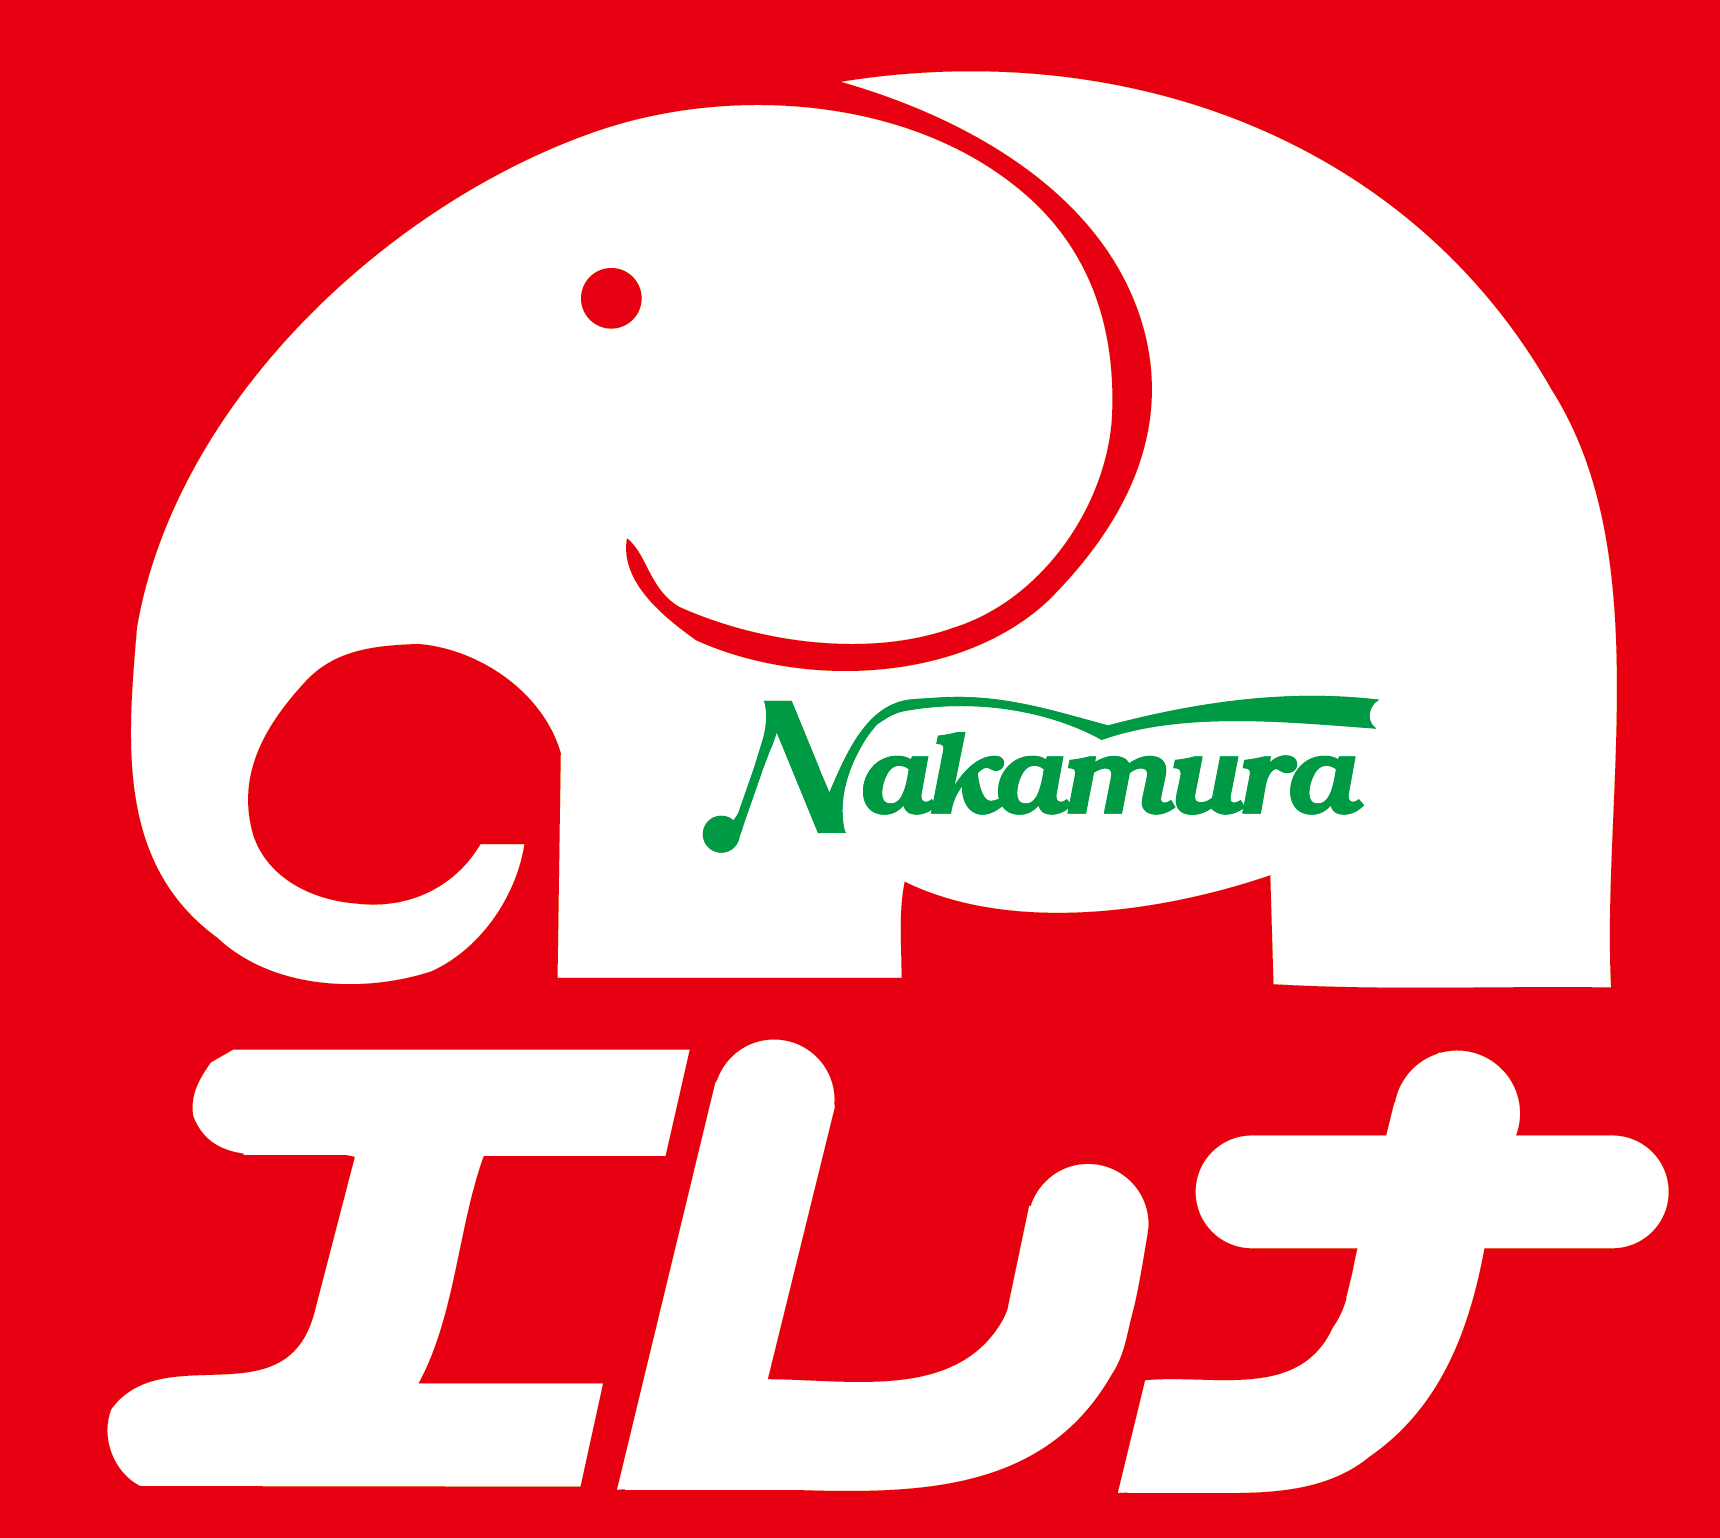 ロゴ:株式会社エレナ